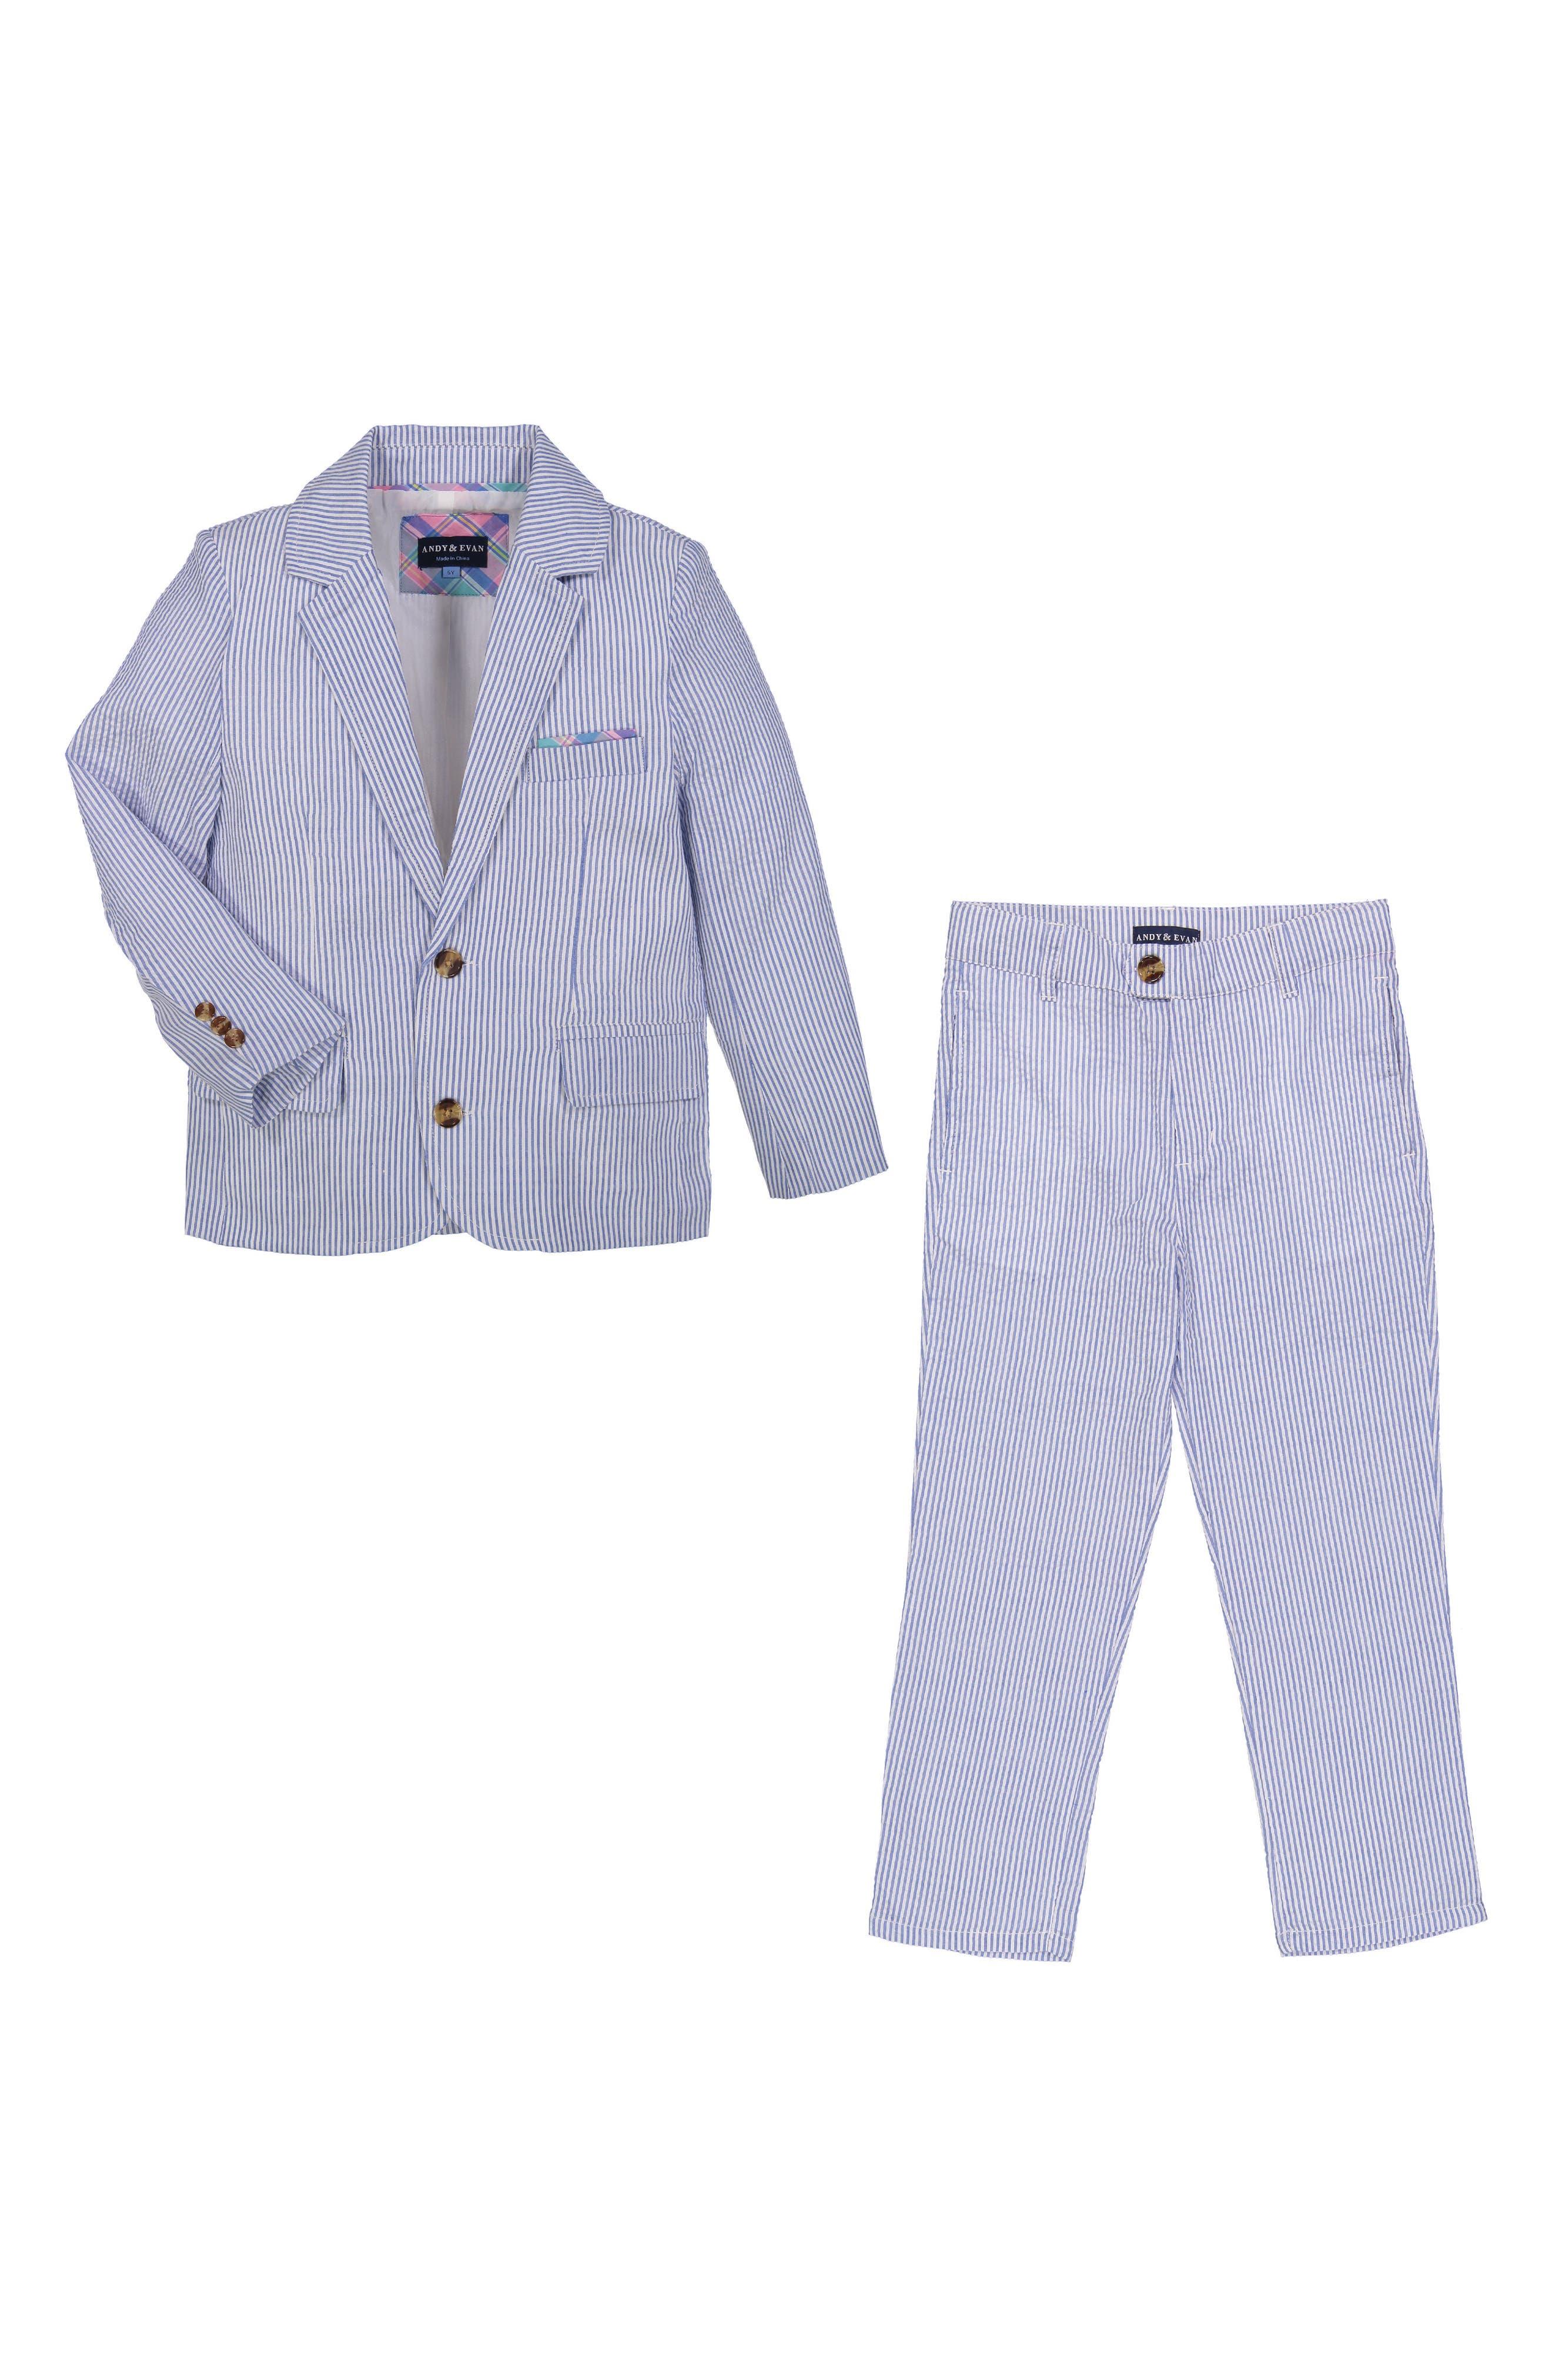 Seersucker Suit Set,                             Main thumbnail 1, color,                             Light Blue